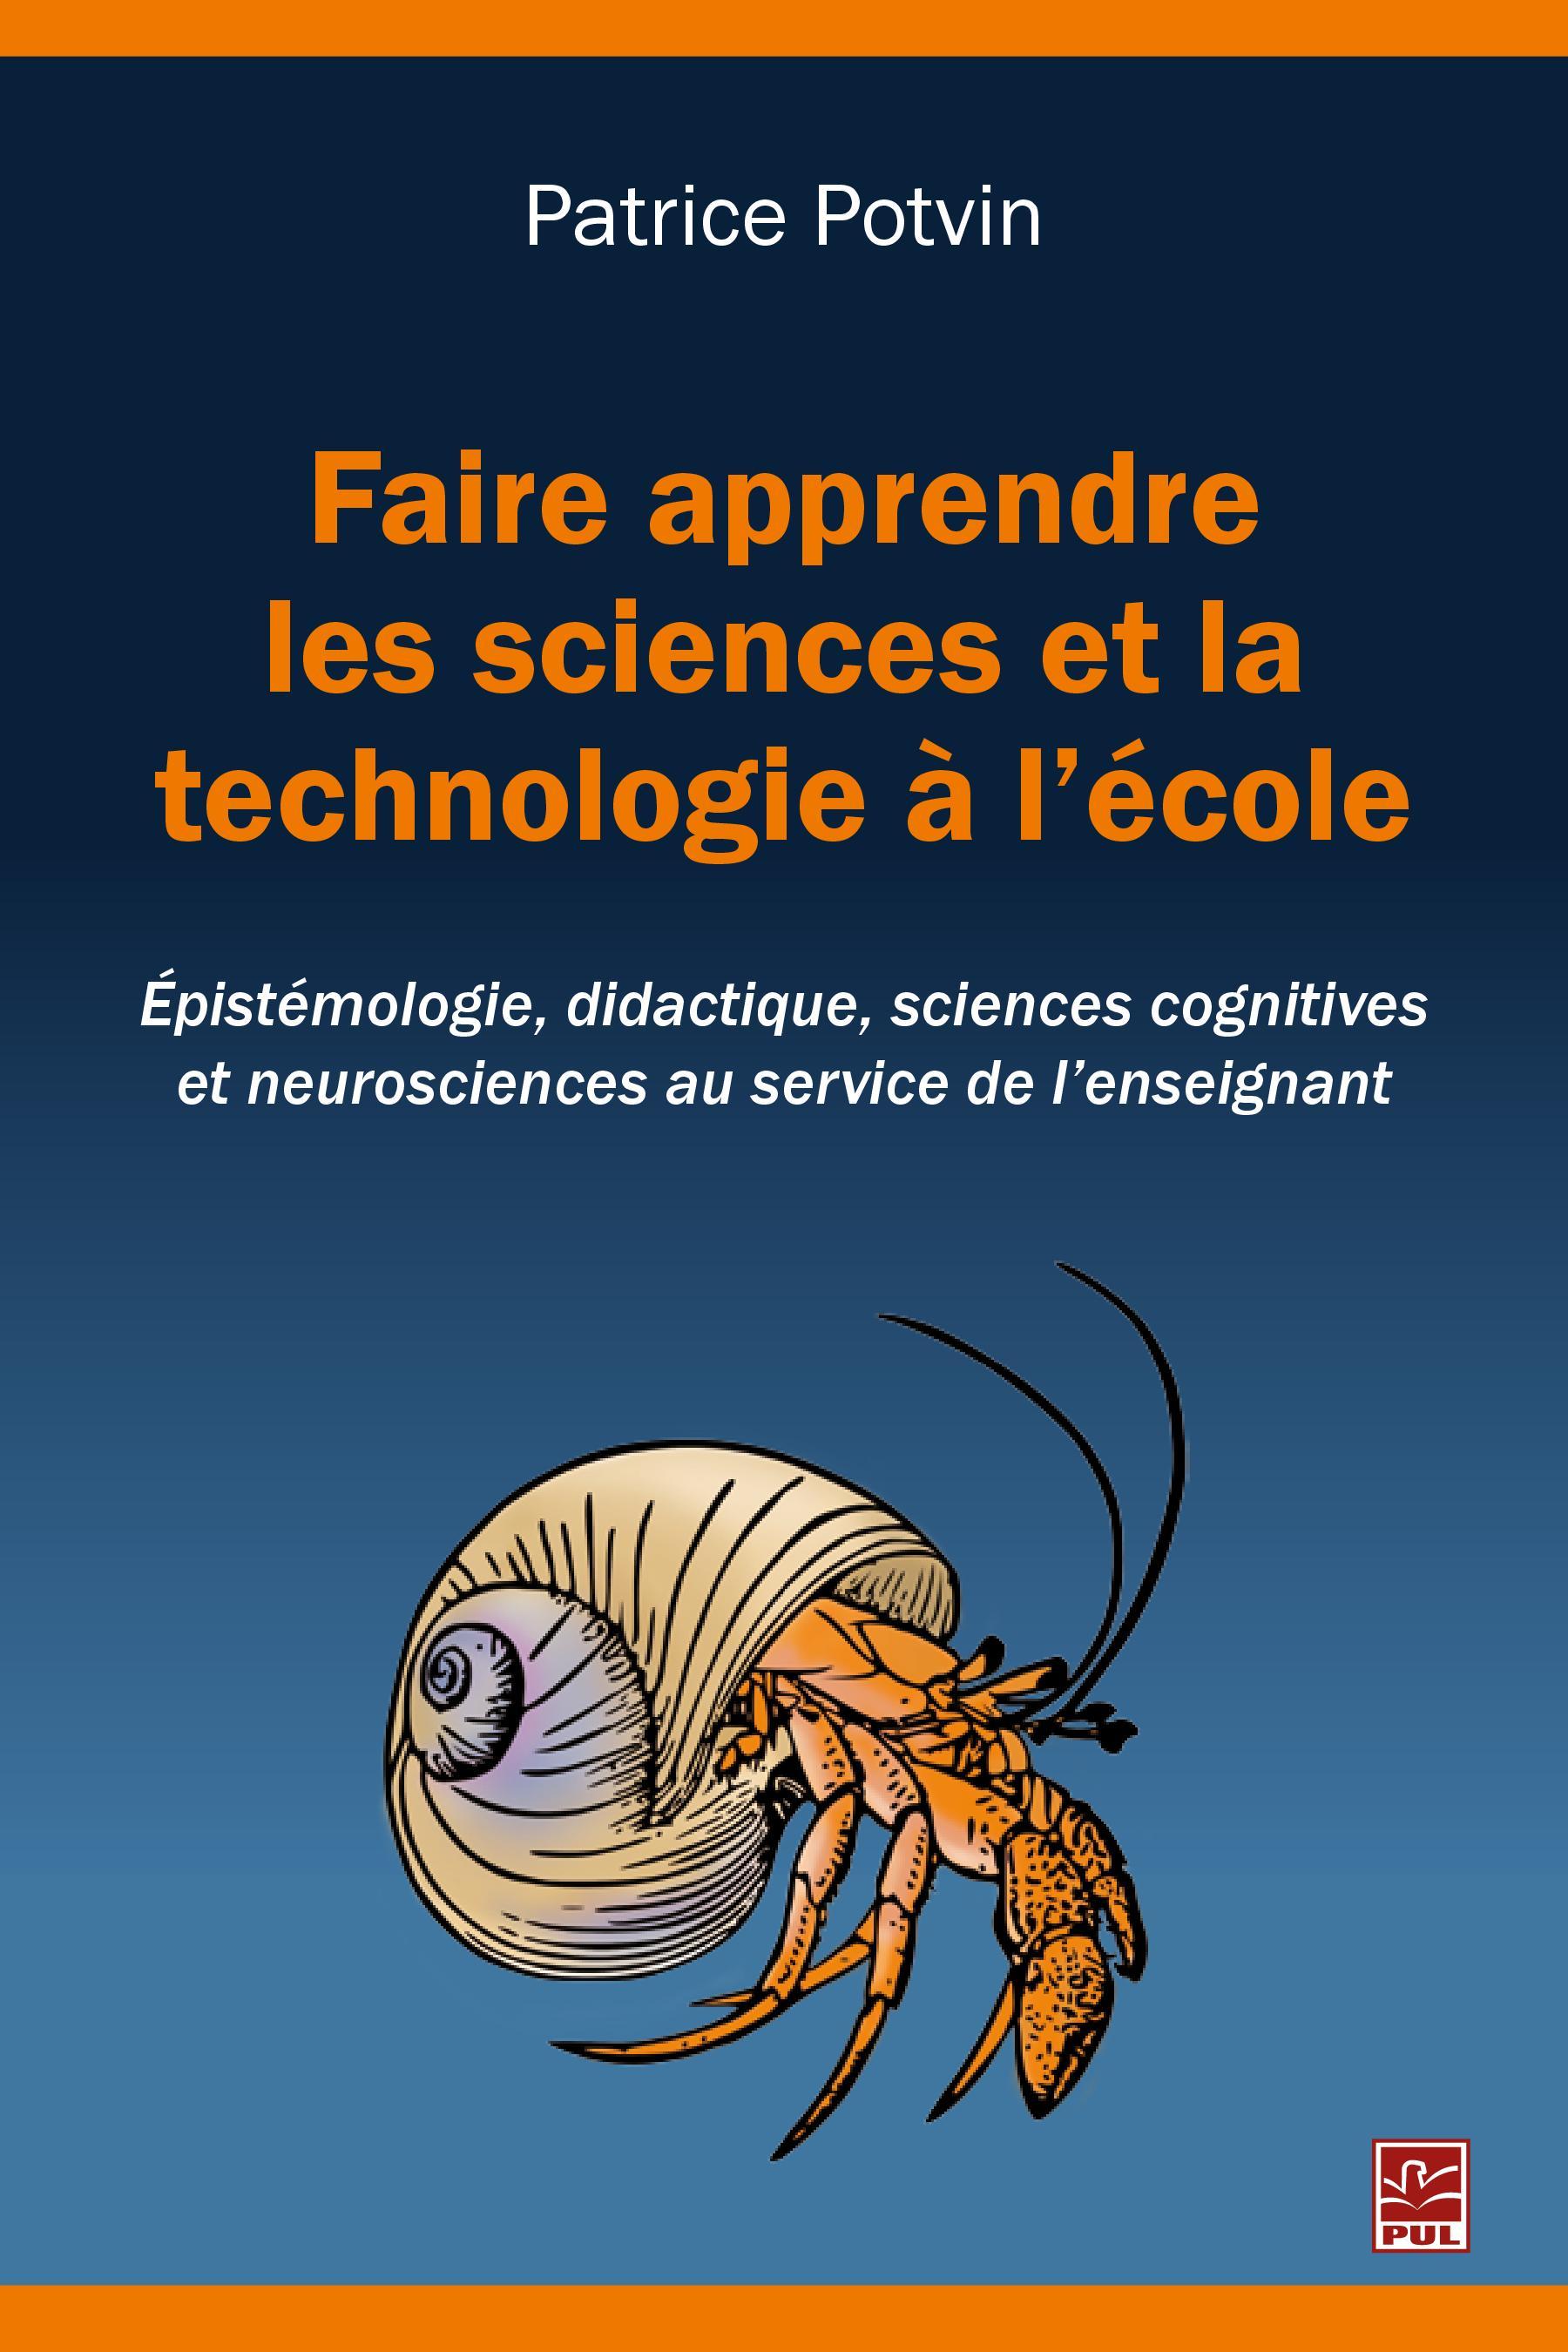 Faire apprendre les sciences et la technologie à l'école. Épistémologie, didactique, sciences cognitives et neurosciences au service de l'enseignant